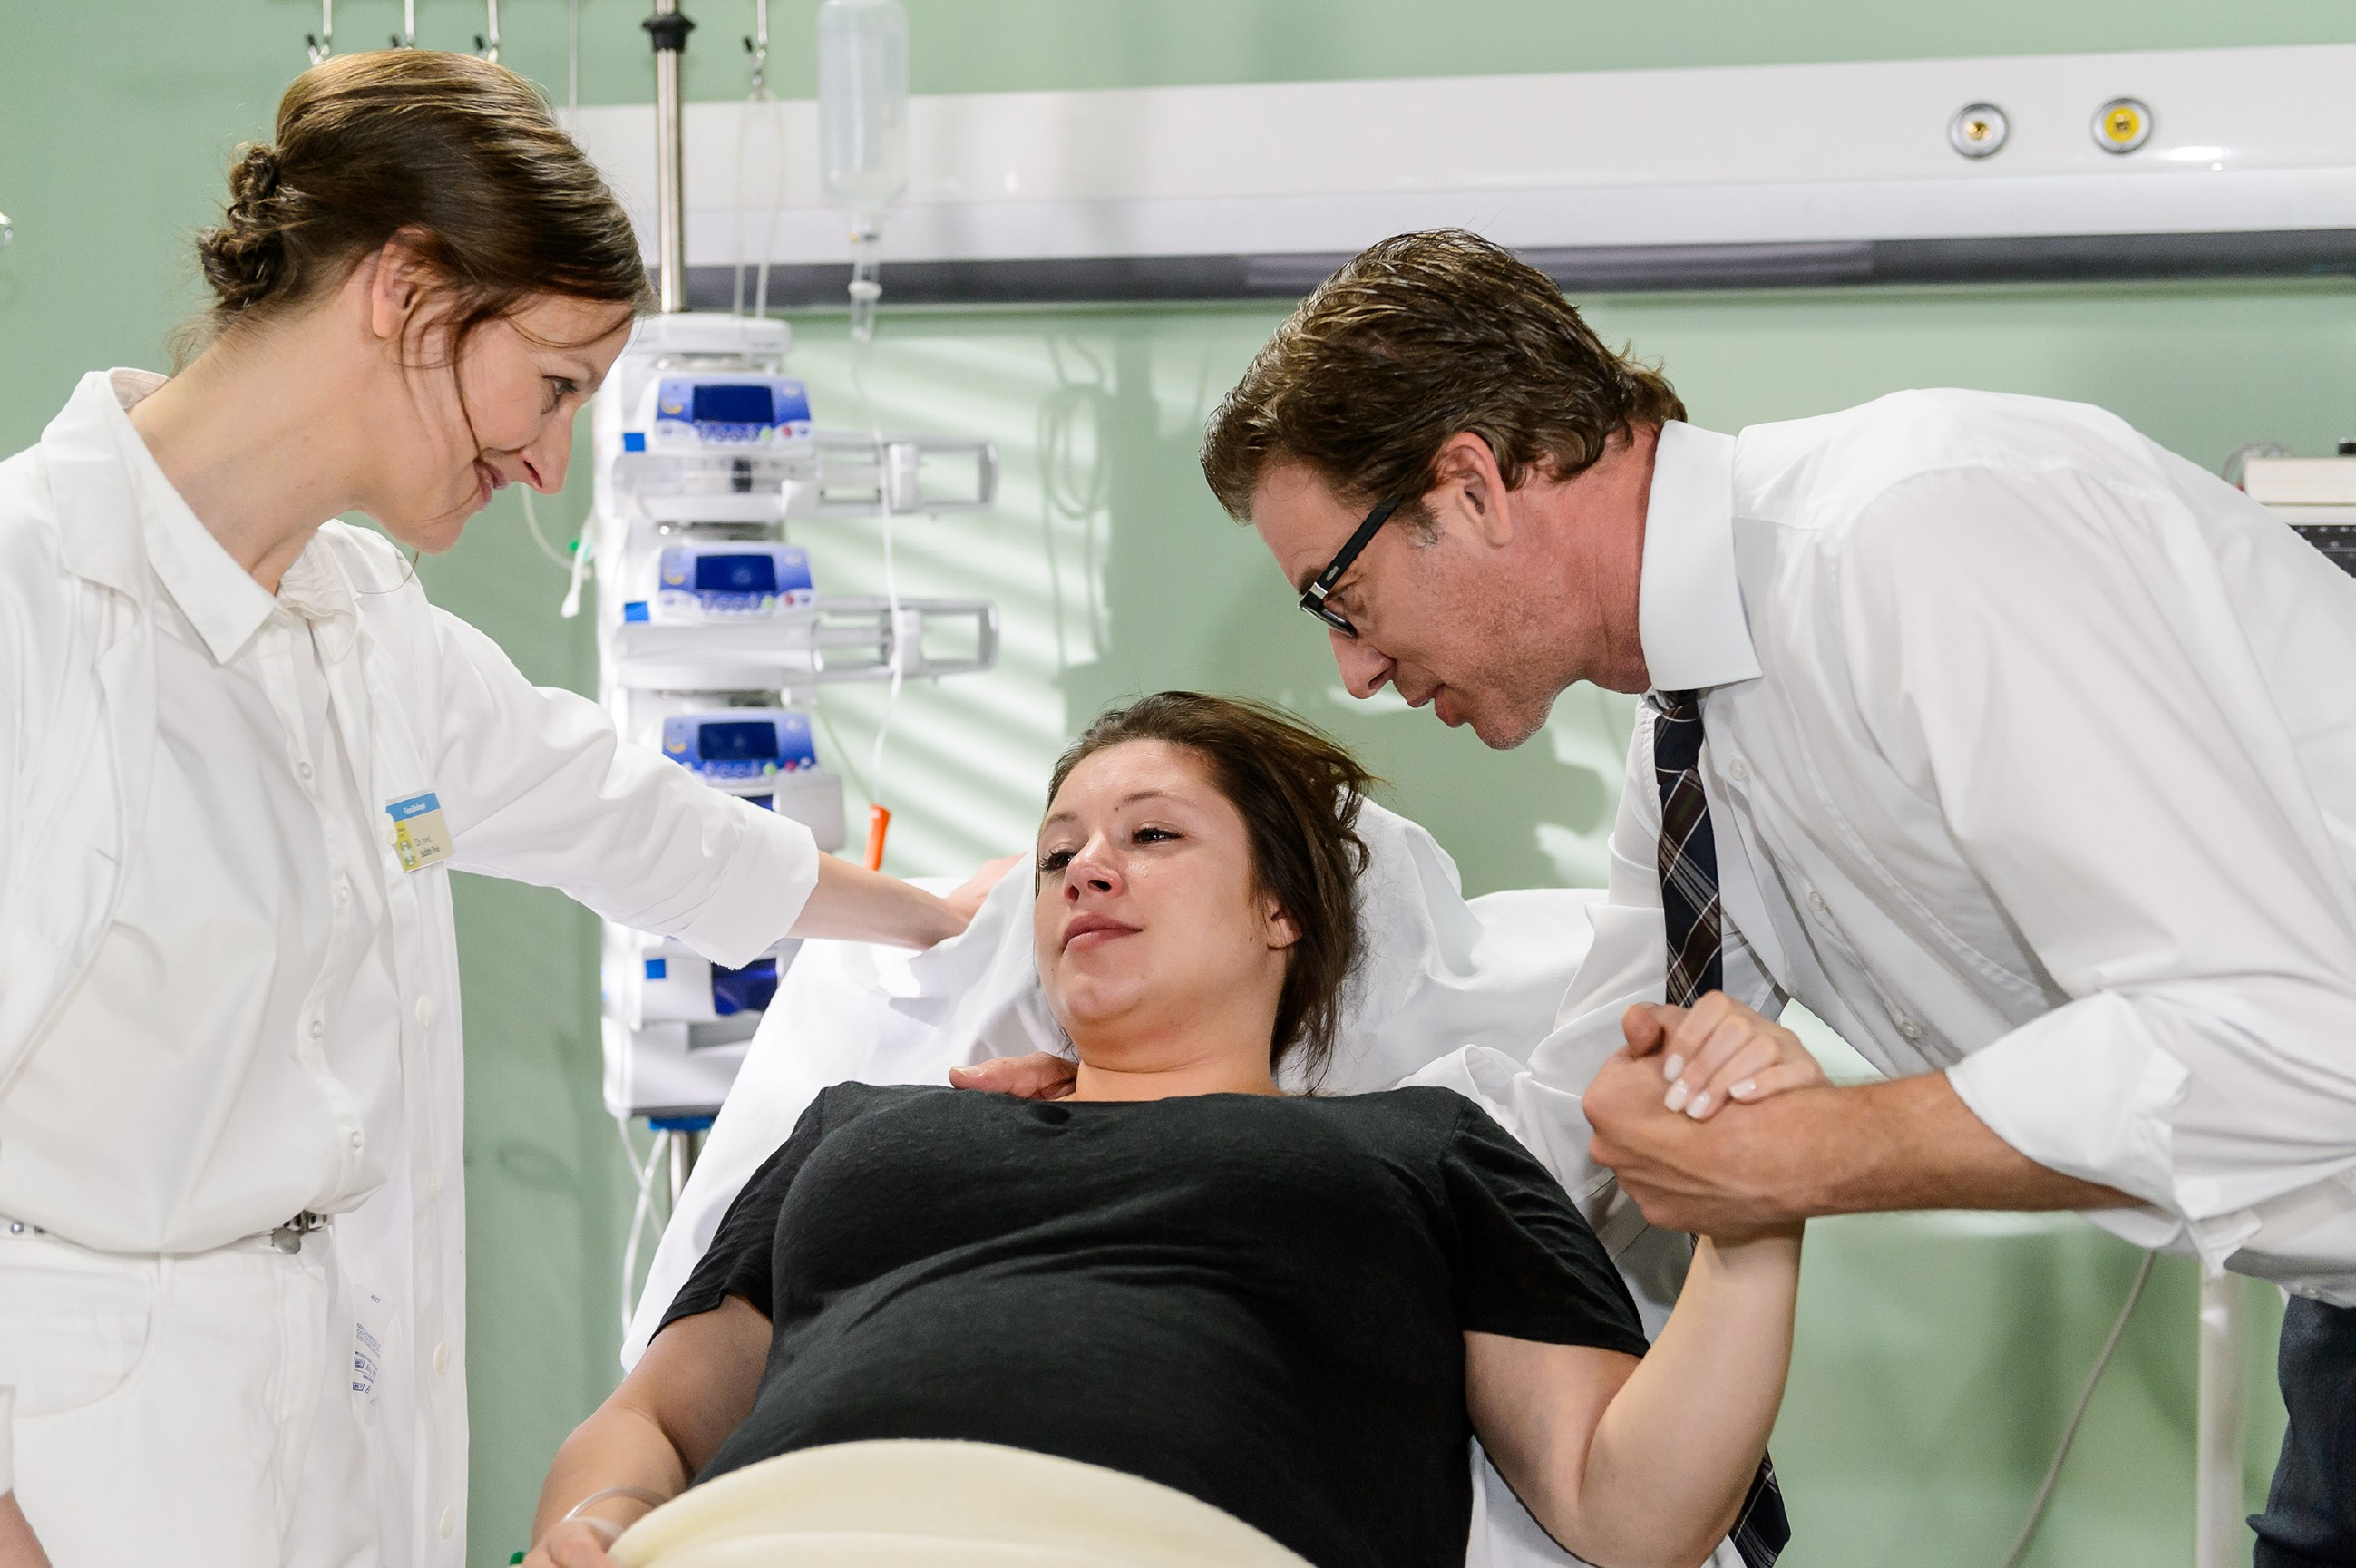 Vanessa (Julia Augustin, M.) und Christoph (Lars Korten) atmen auf, als Dr. Fink (Barbara Seifert) Entwarnung gibt: Offenbar wurde die Blutung durch eine bislang unentdeckte Zyste ausgelöst, die sich geöffnet hat.